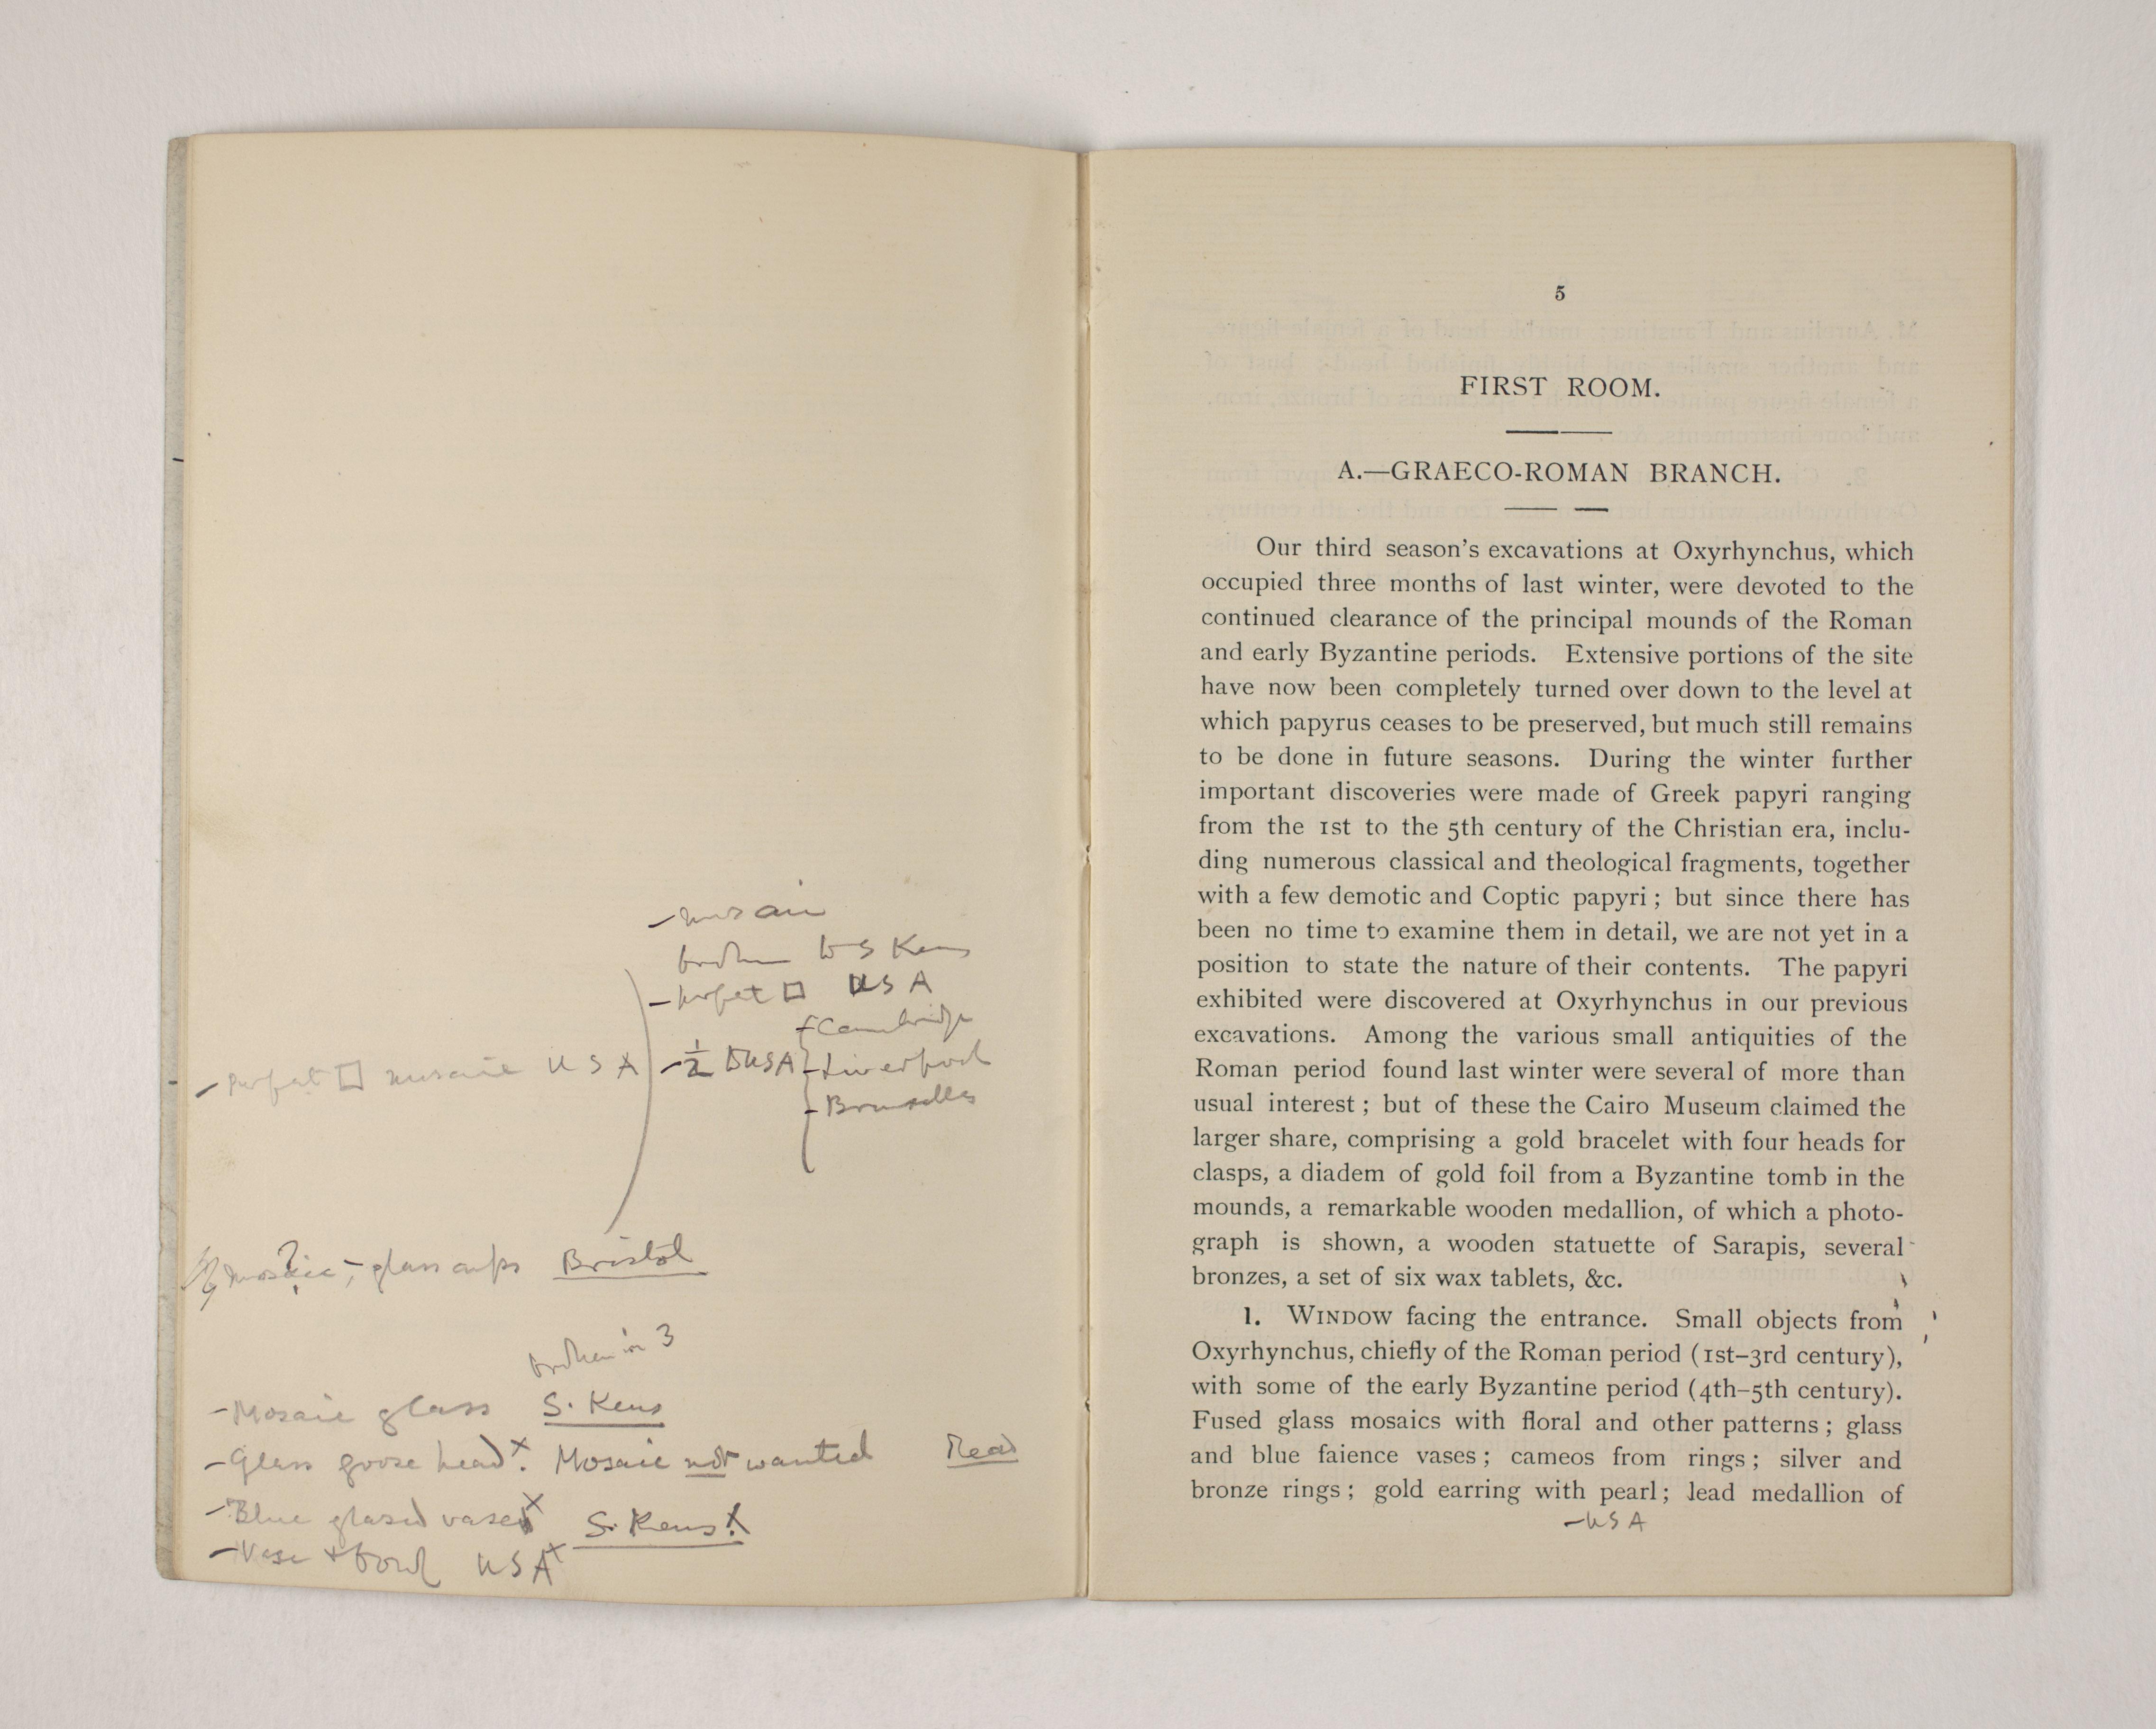 1903-04 Abydos, Ihnasya, Tell el-Fara'in, Saqqara, Gurob, Deir el-Bahri, Oxyrhynchus Exhibition Catalogue PMA/WFP1/D/12/12.7